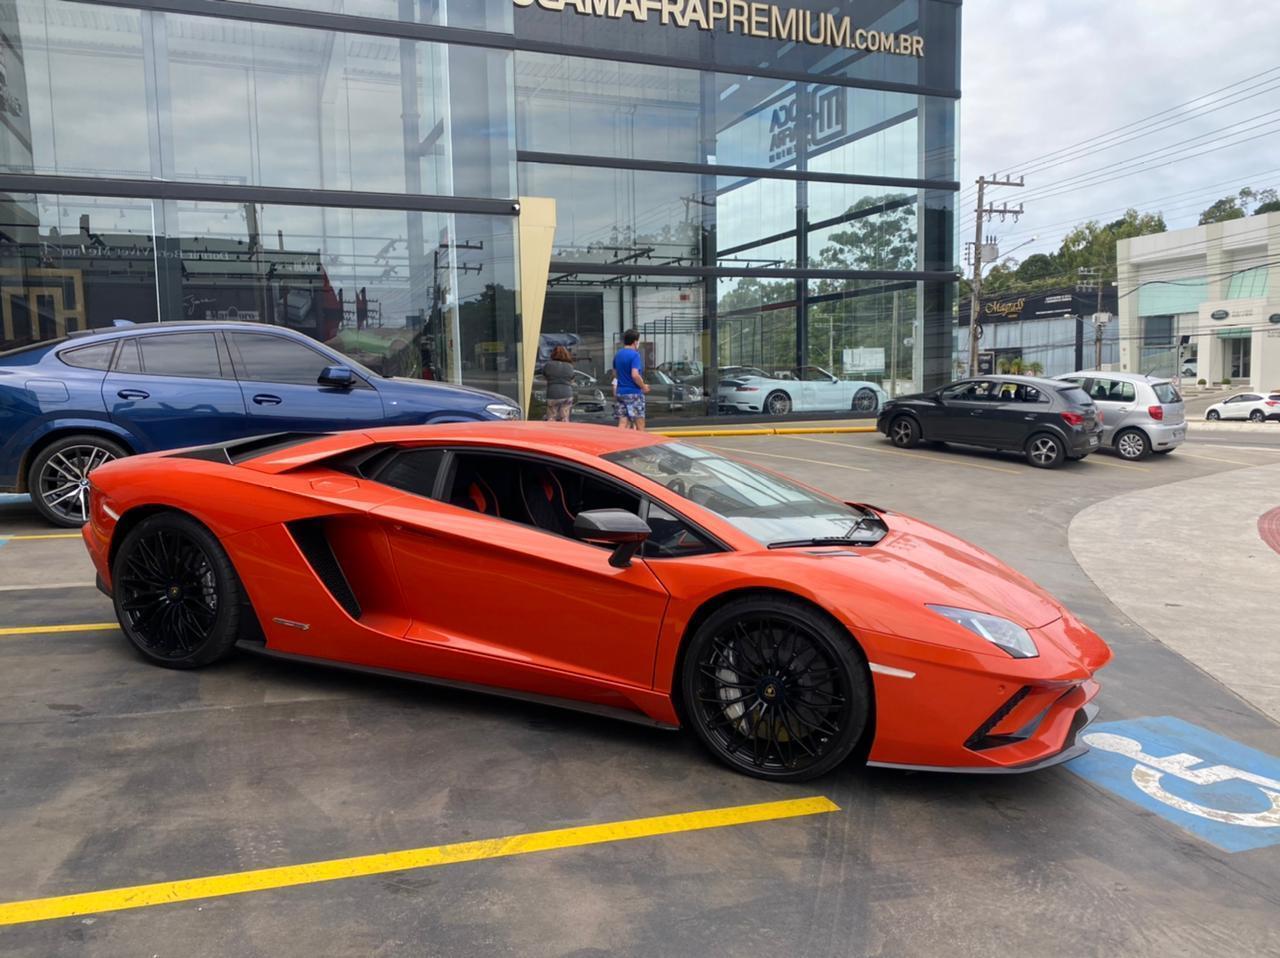 Modelo exclusivo de Lamborghini é avaliado em R$ 4,5 milhões - Divulgação/ND